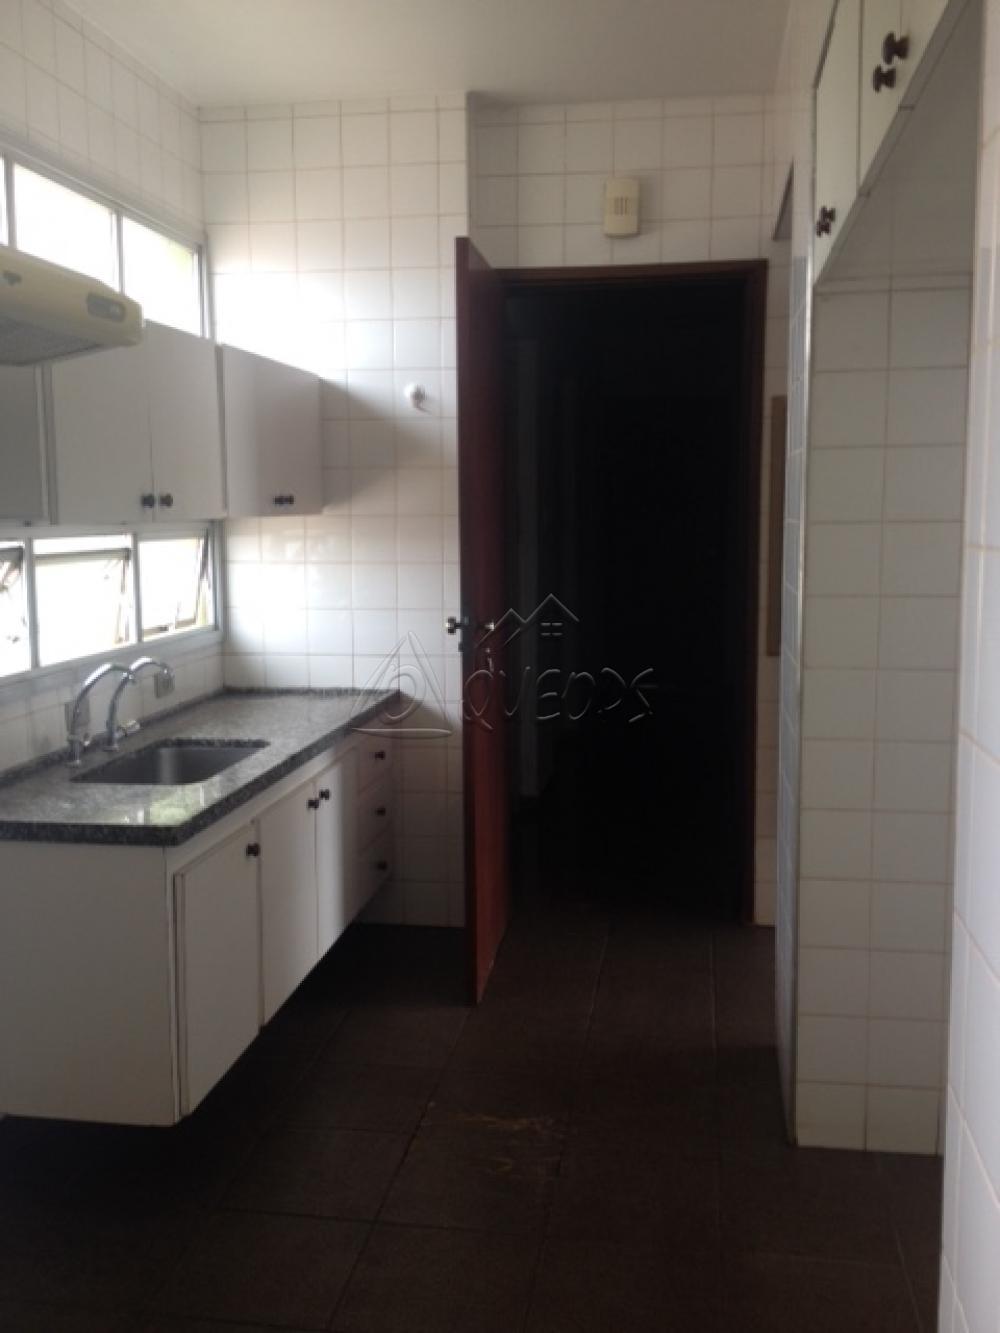 Alugar Apartamento / Padrão em Barretos apenas R$ 1.000,00 - Foto 9